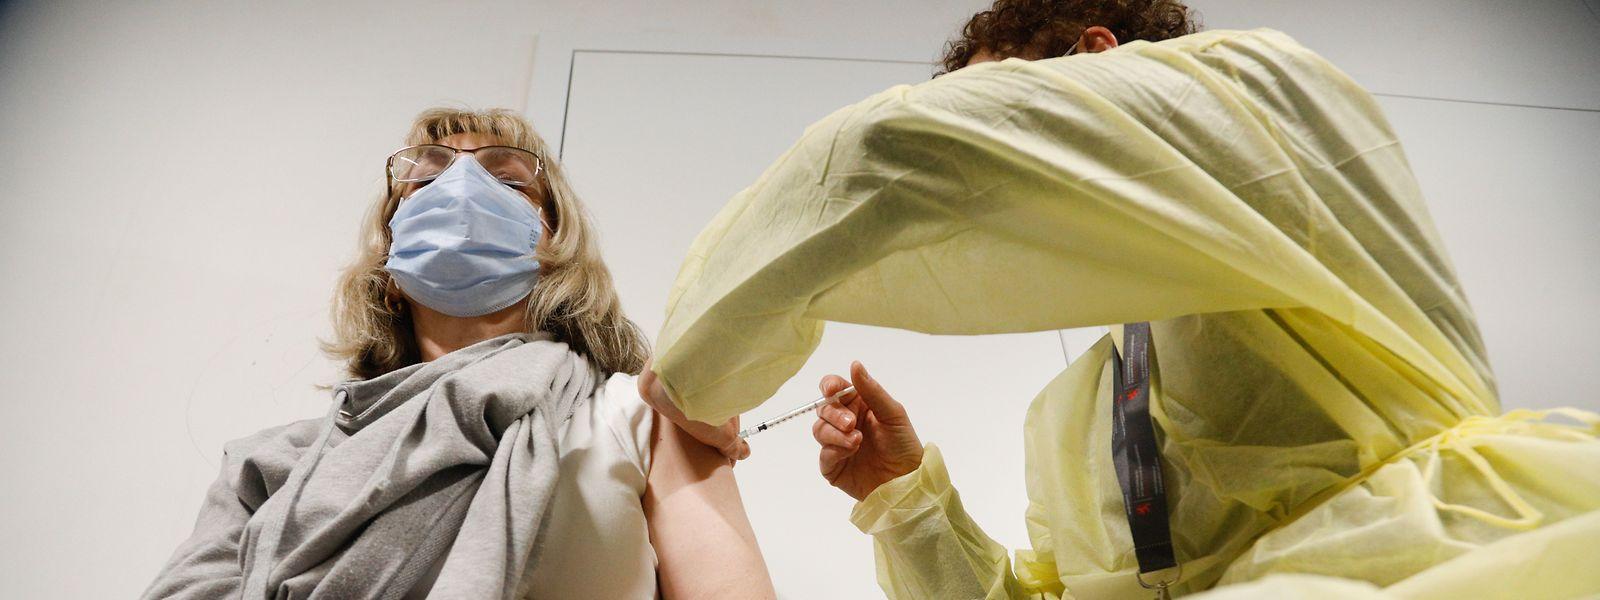 Ouvert depuis lundi, le centre de vaccination n'a administré qu'une centaine de doses par jour de fonctionnement. On est loin de tourner à plein régime.